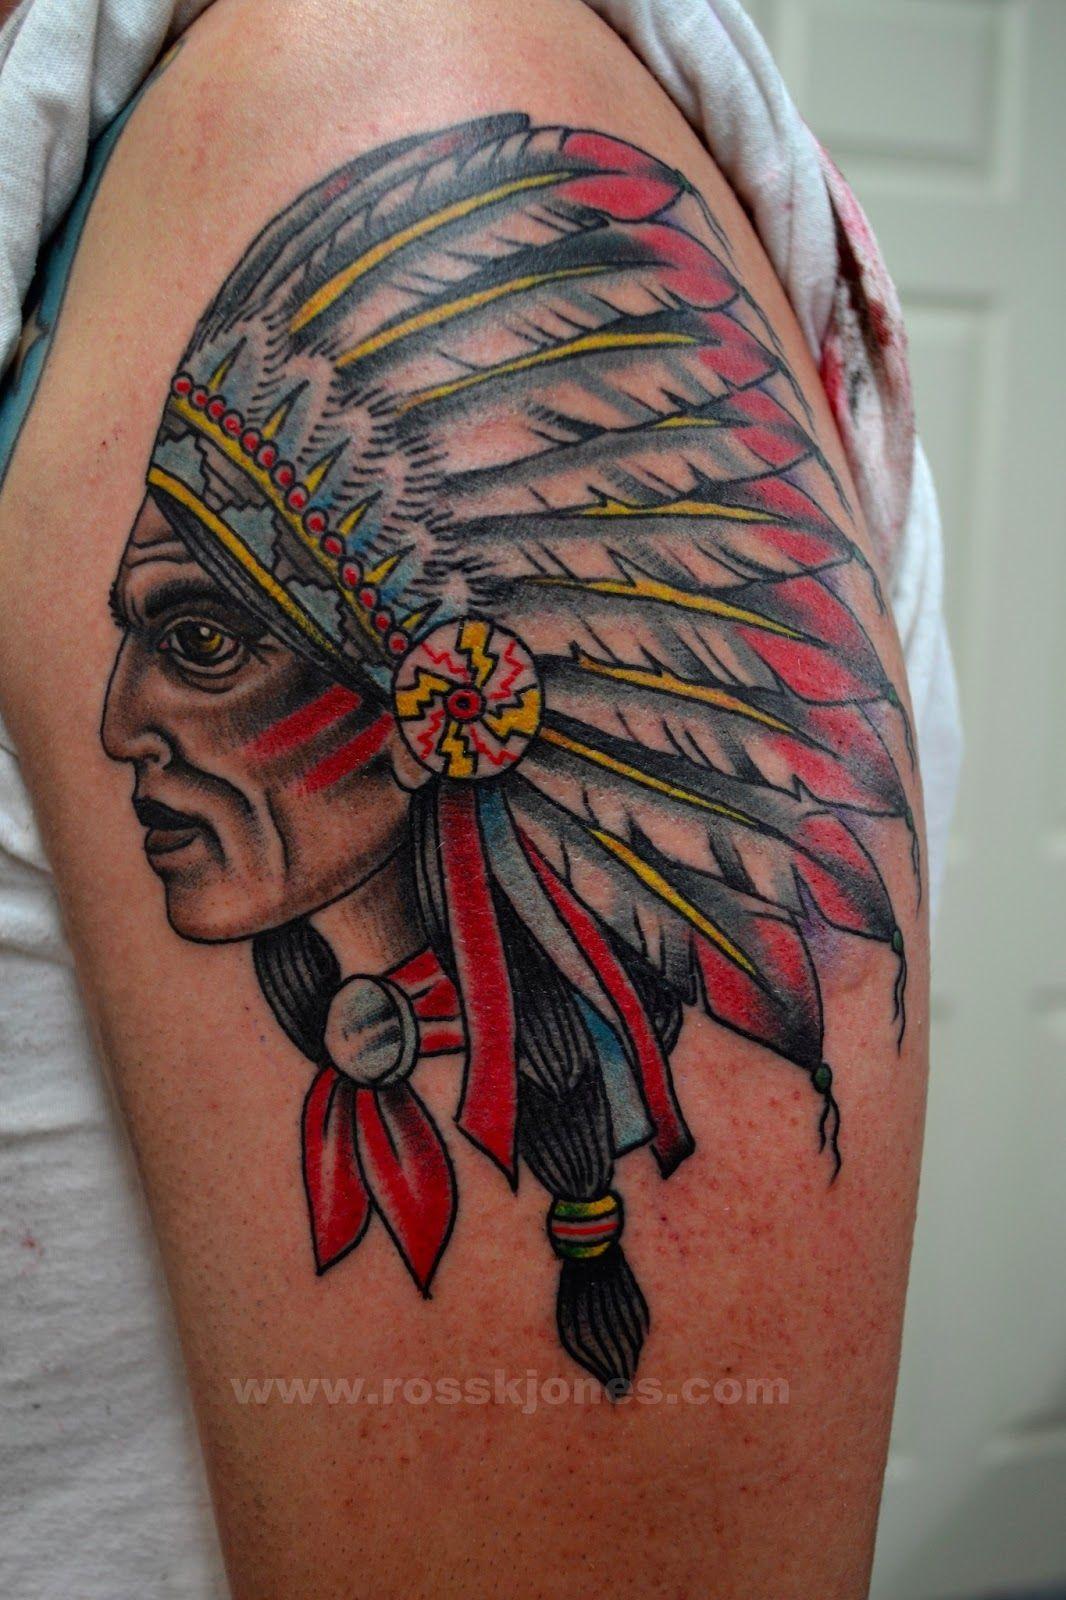 Original Indian Chief Tattoo By Ross Jones Tattoo border=